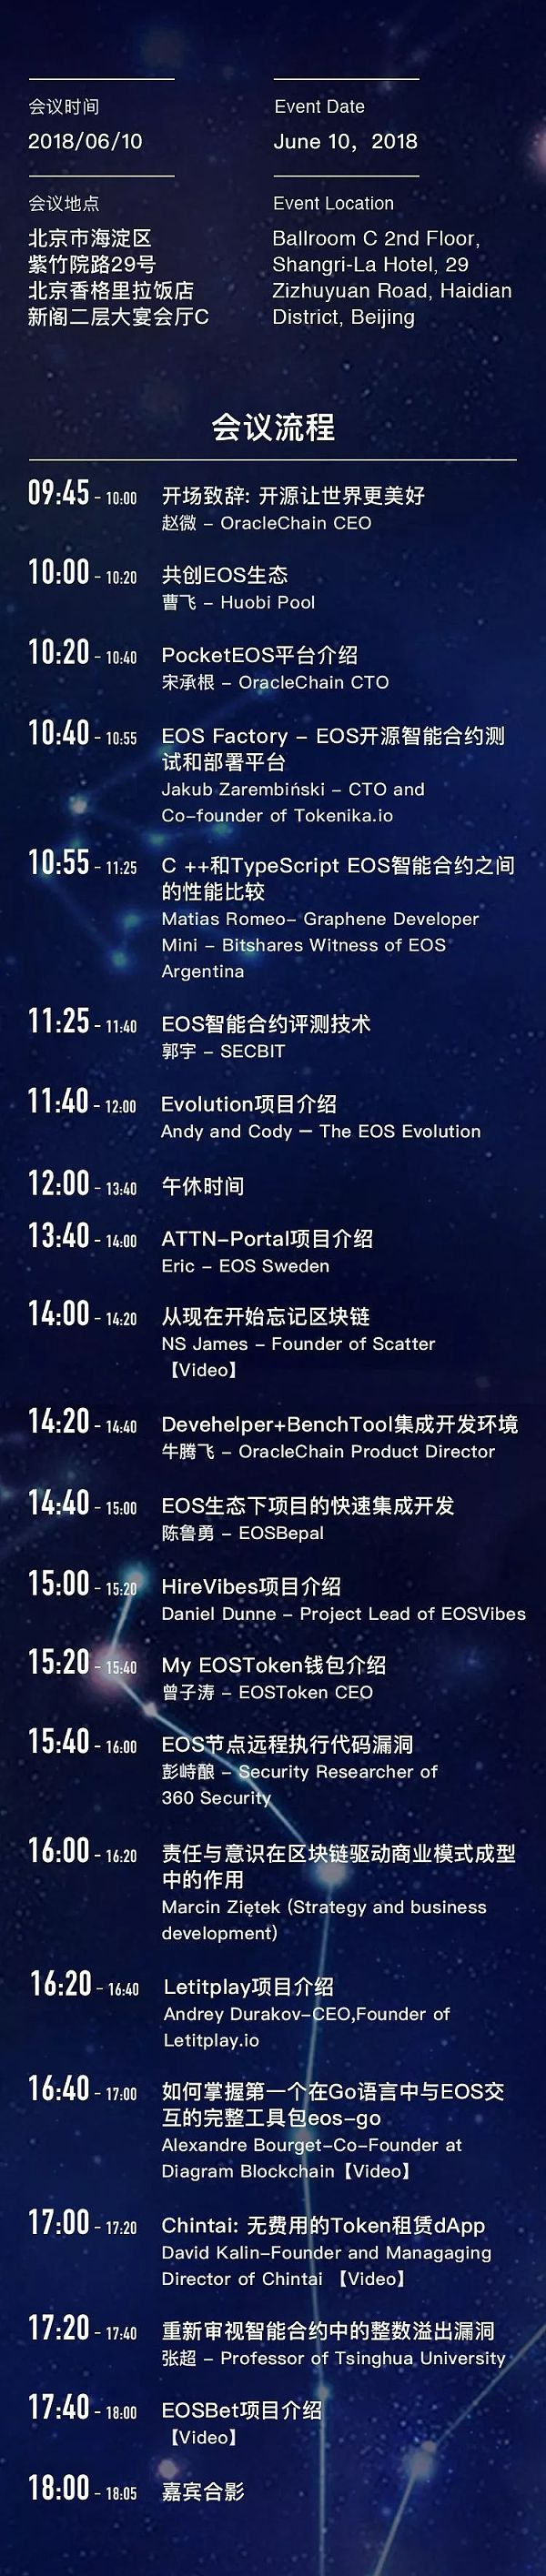 2018全球EOS开发者大会 | 够技术,你就来!